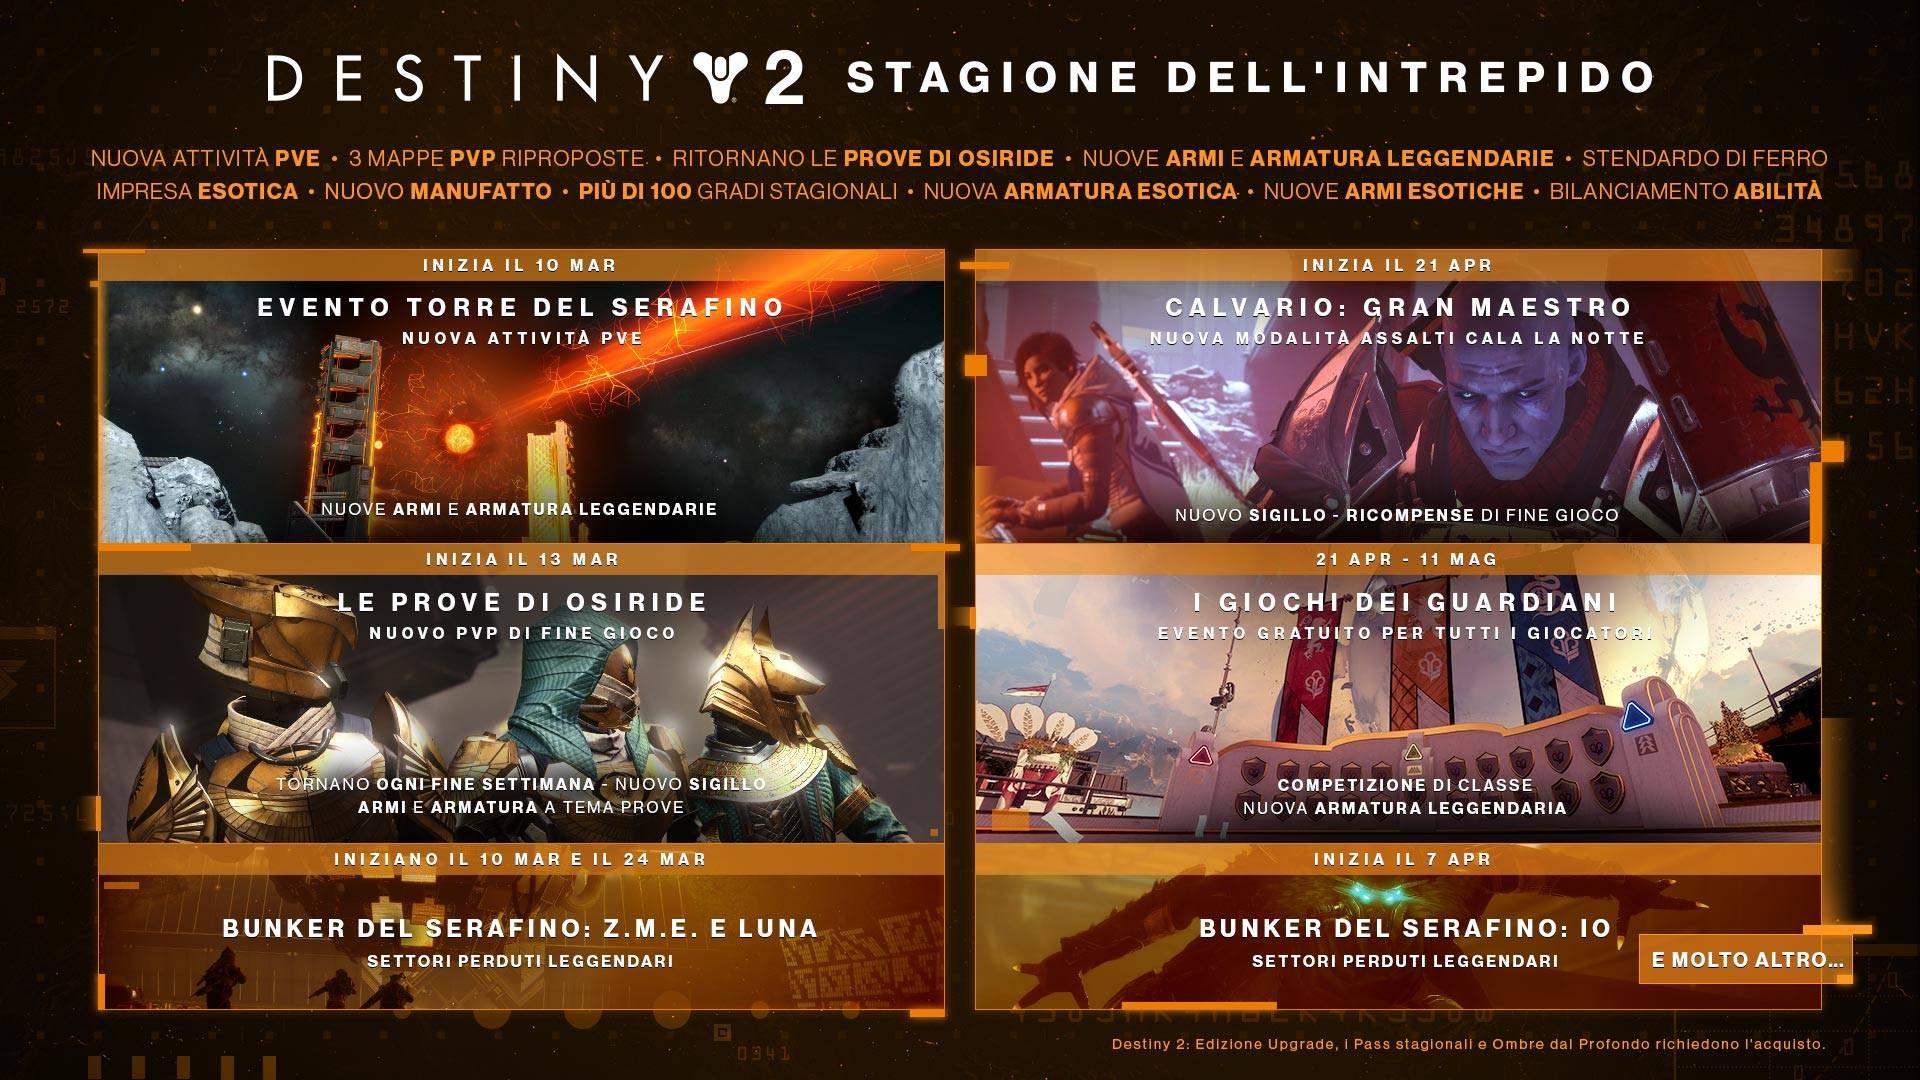 Destiny 2 stagione dell'intrepido calendario